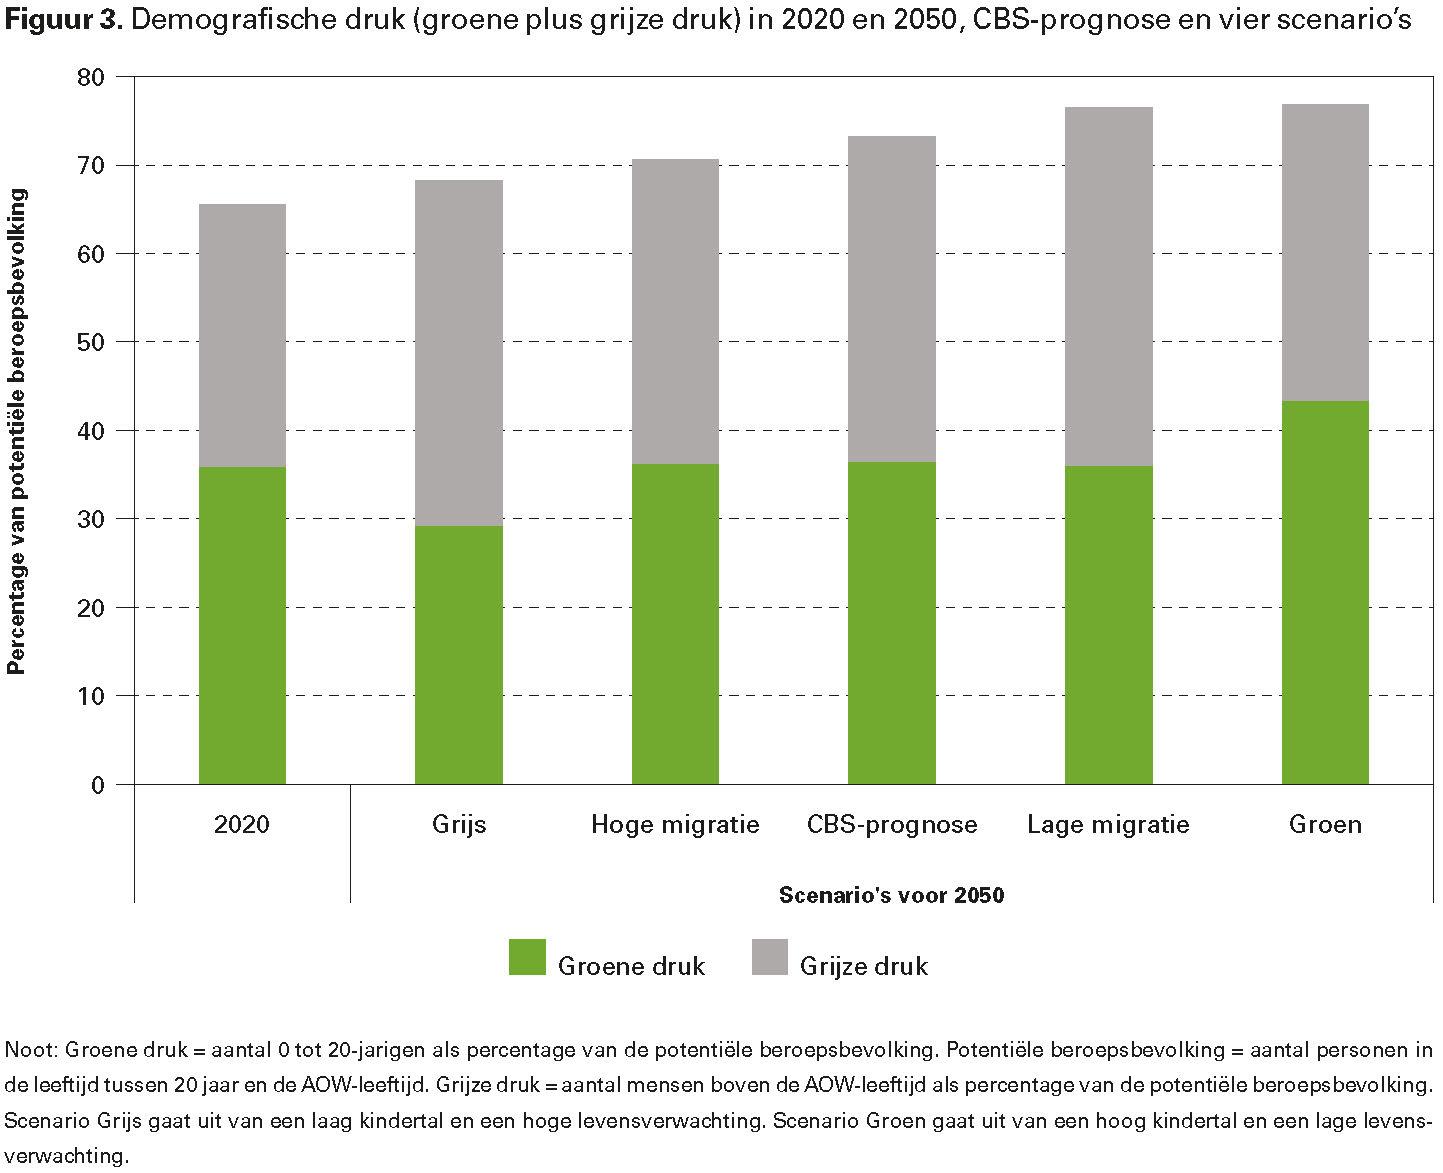 Figuur 3. Demografische druk (groene plus grijze druk) in 2020 en 2050, CBS-prognose en vier scenario's